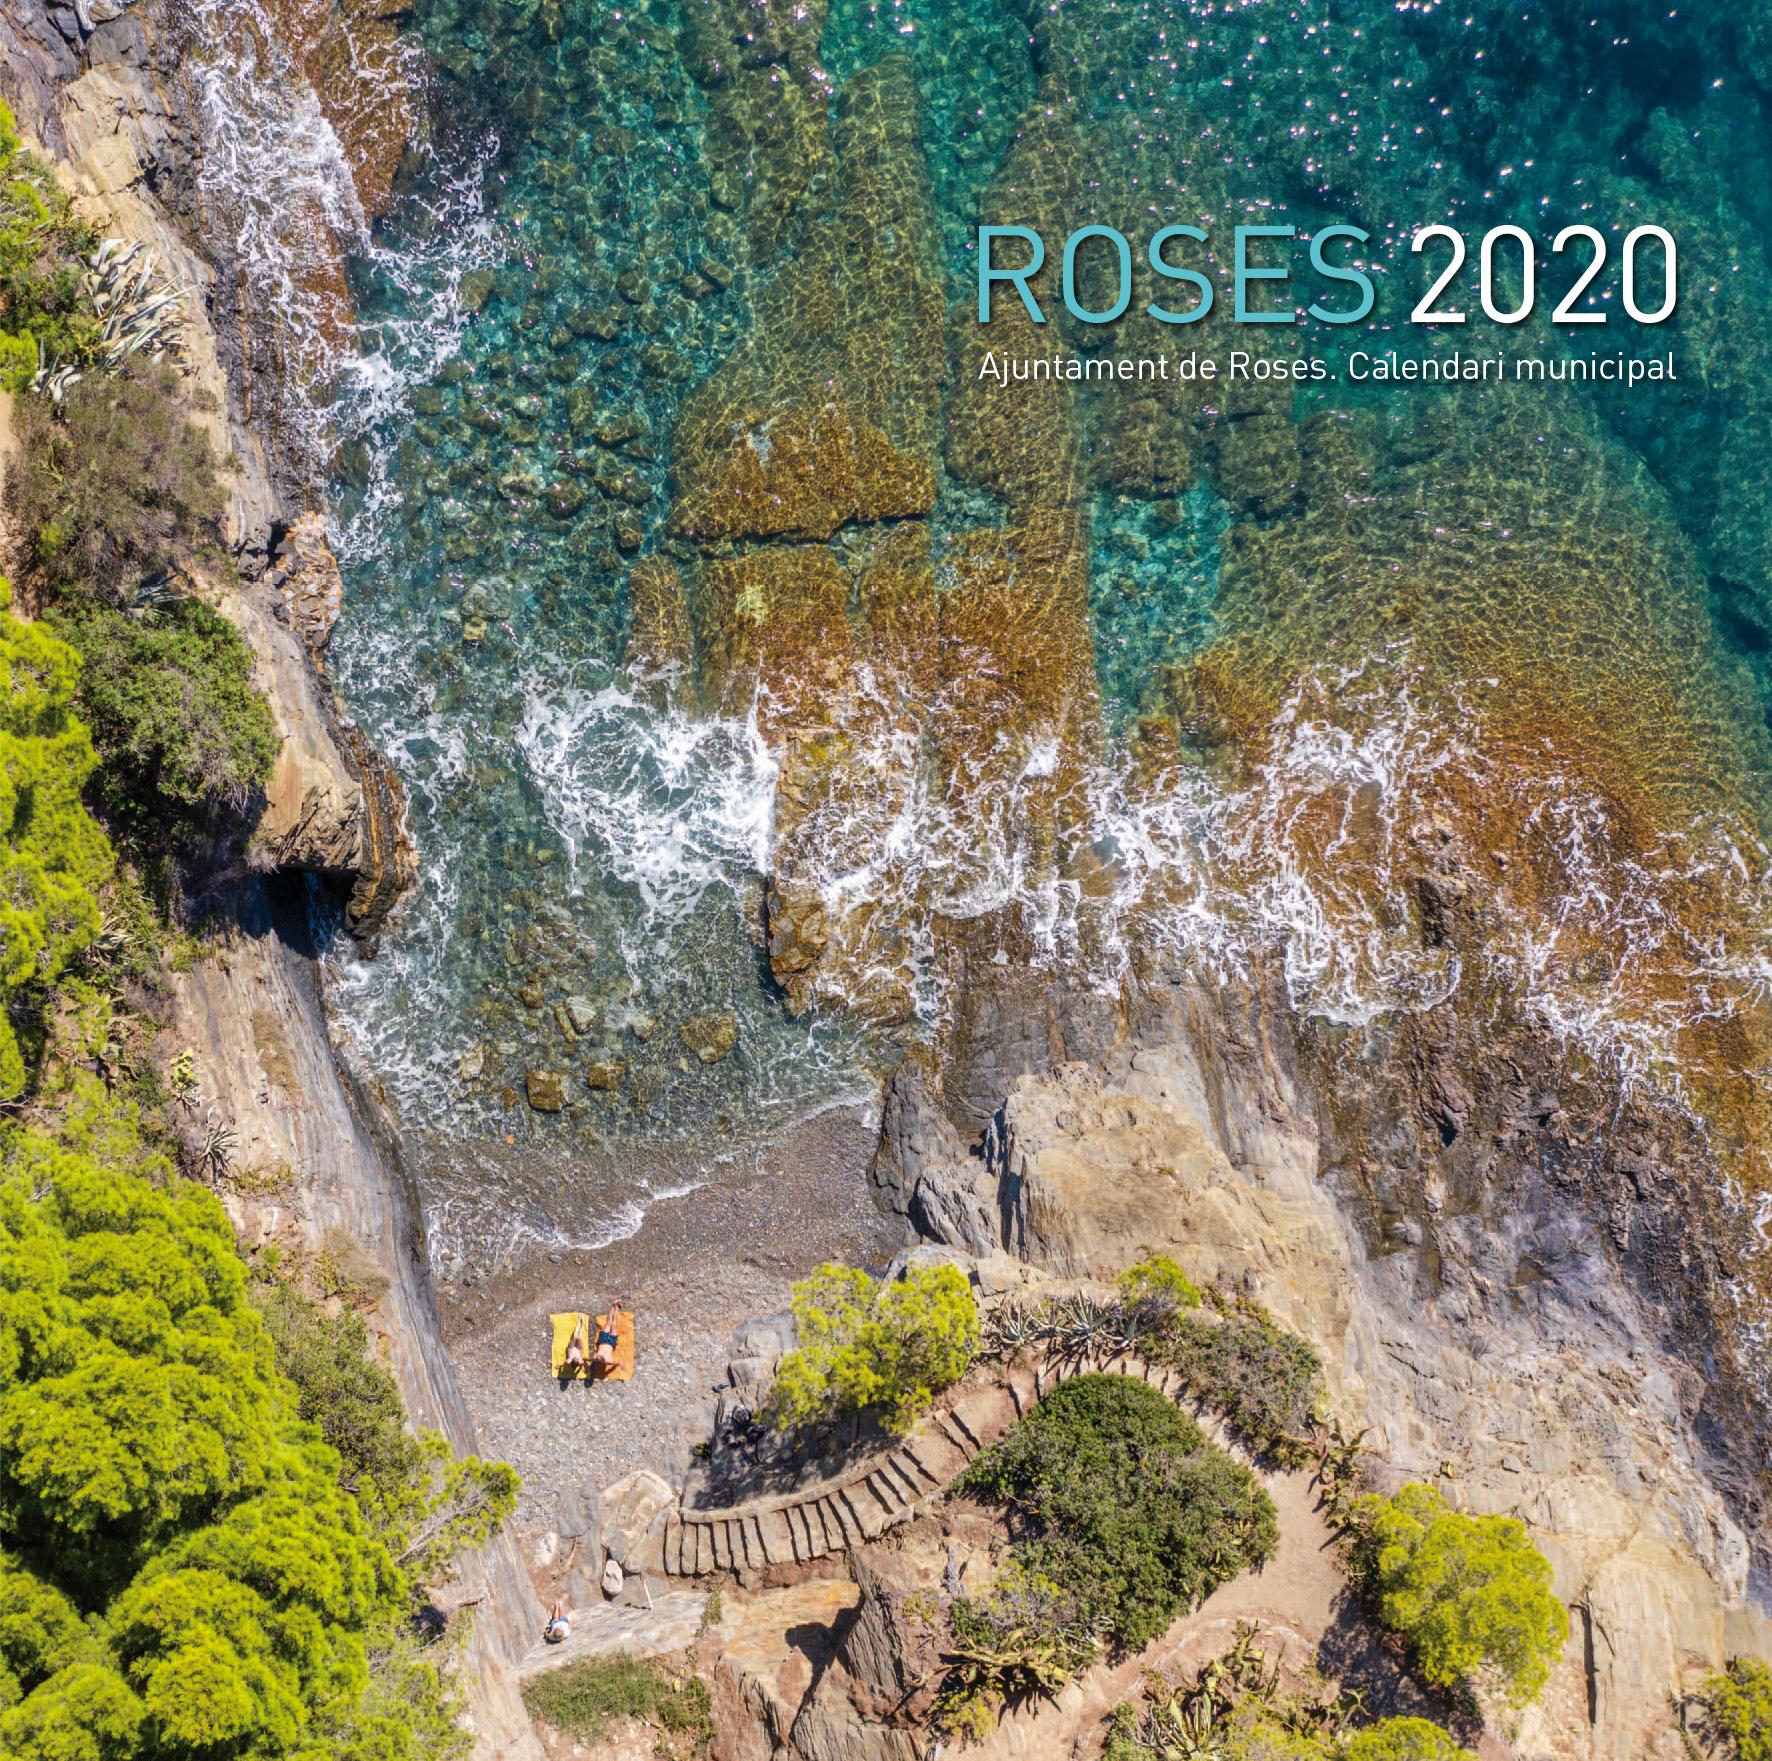 El calendari de Roses 2020, disponible a partir de dijous 28 de novembre